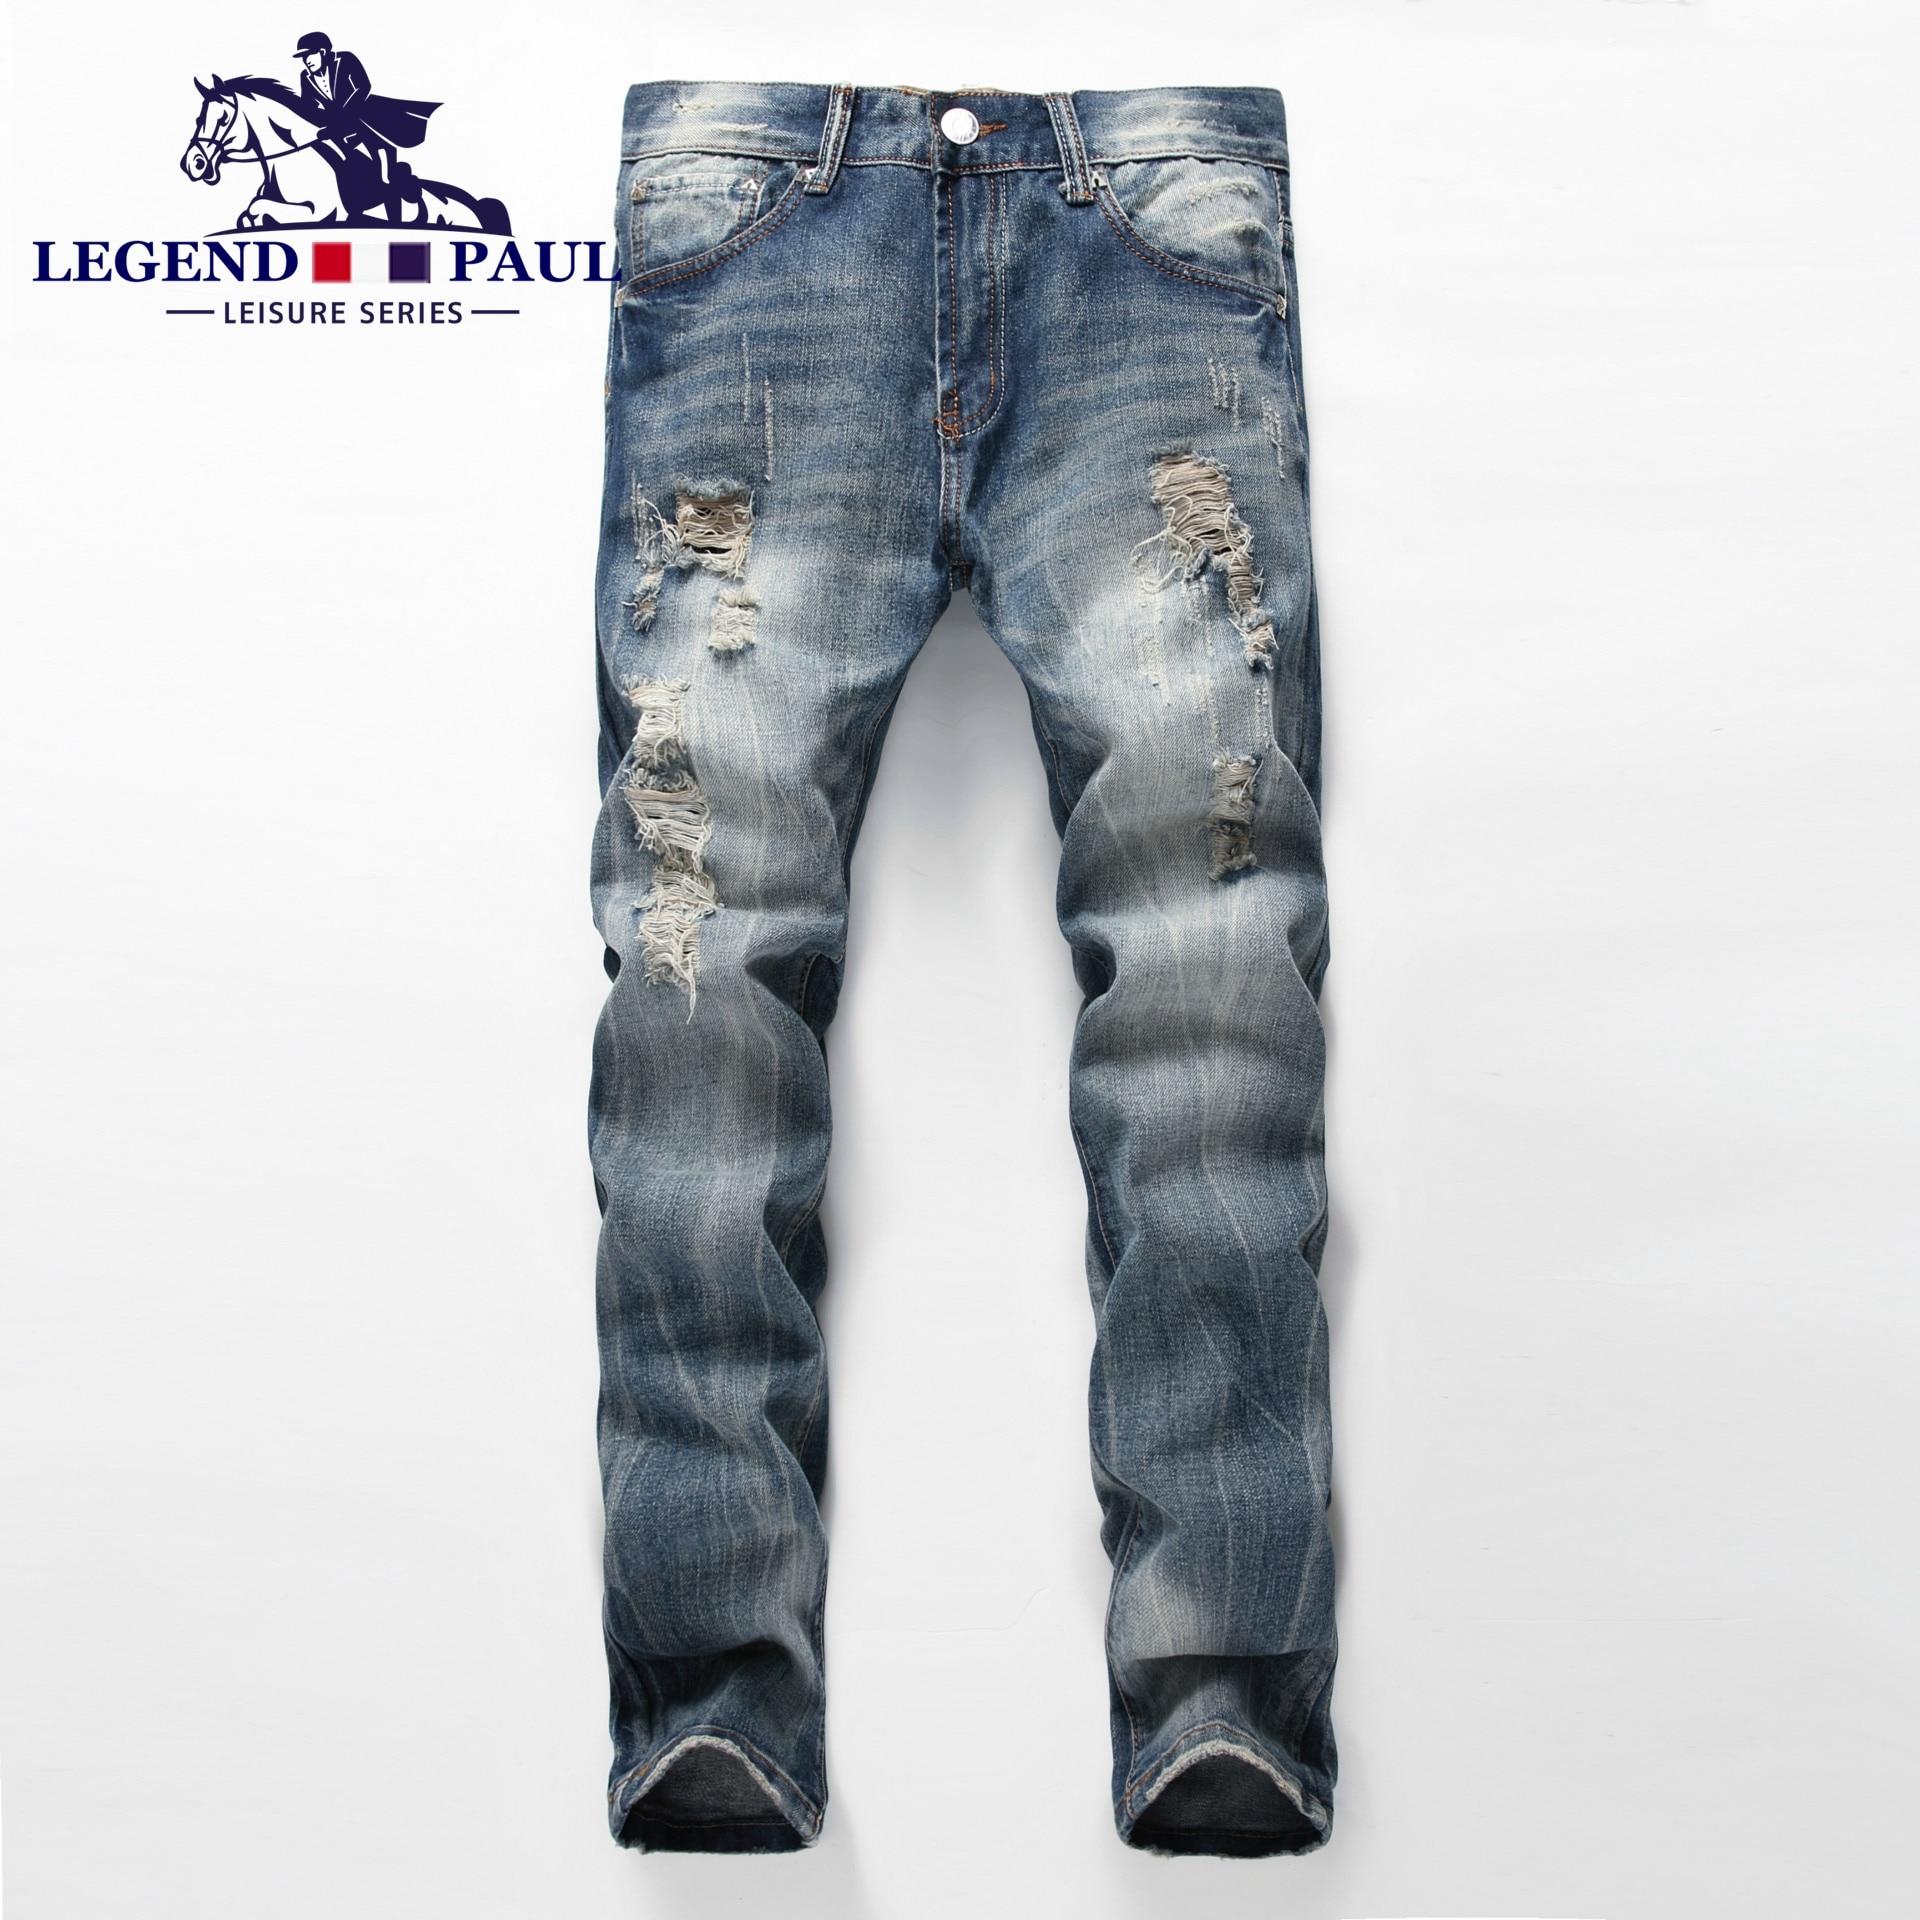 Mens jeans design legends jeans - Legend Paul Brand 2017 New Men S Hole Fashion High Quality Jeans Men Cotton Male Denim Pants